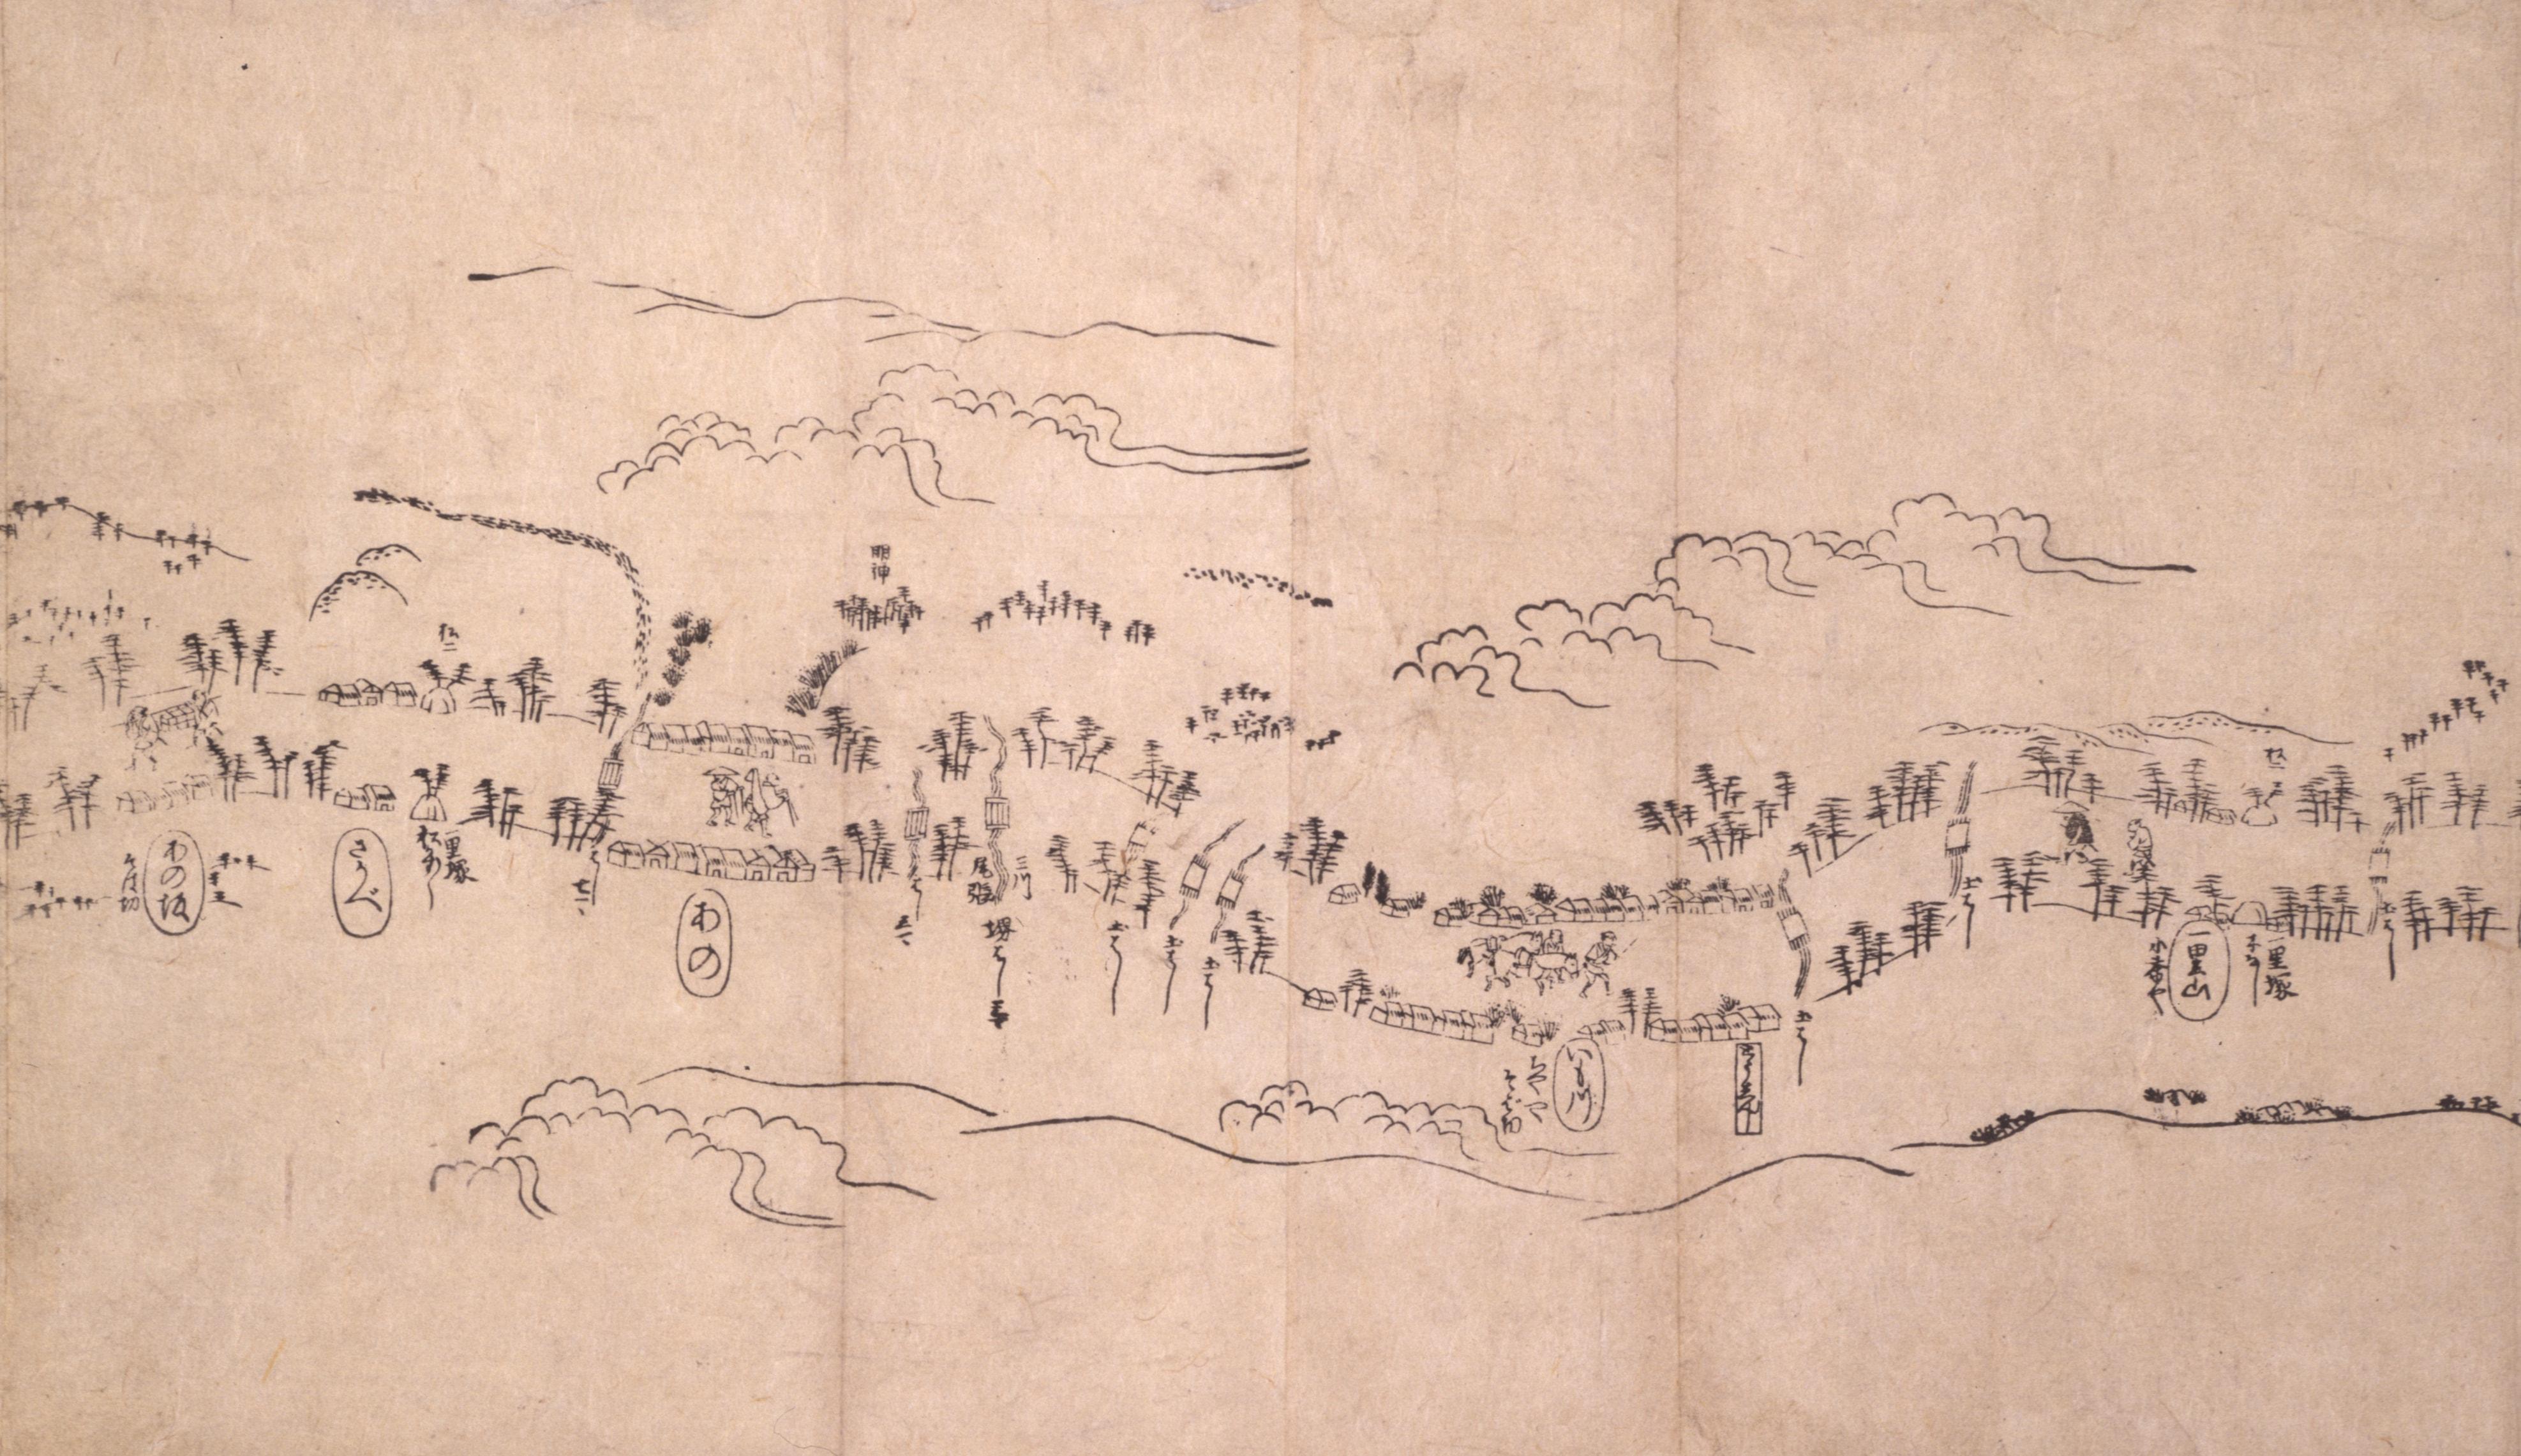 東海道分間之図 五十八